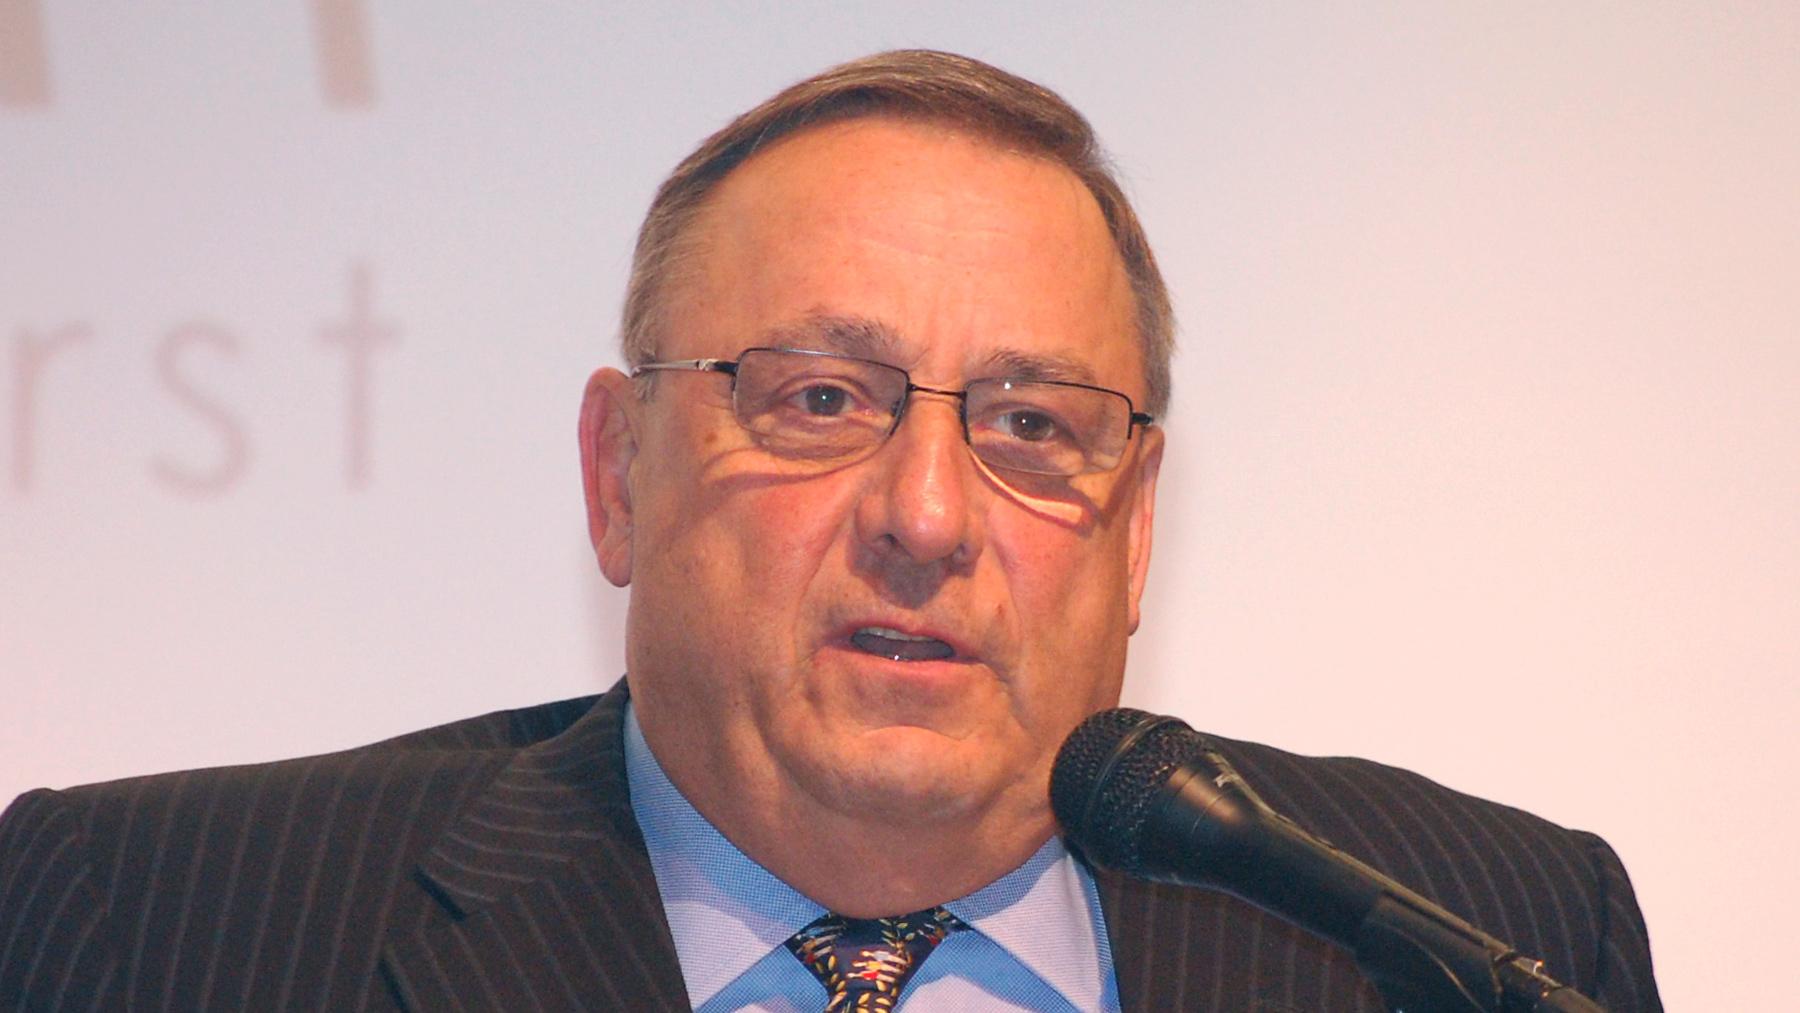 Paul LePage